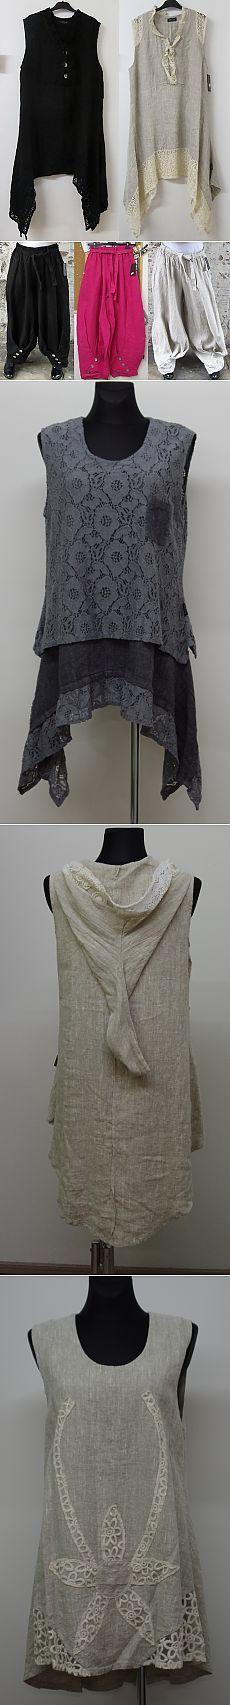 бохо.немецкая одежда с бразильским именем sarah santos